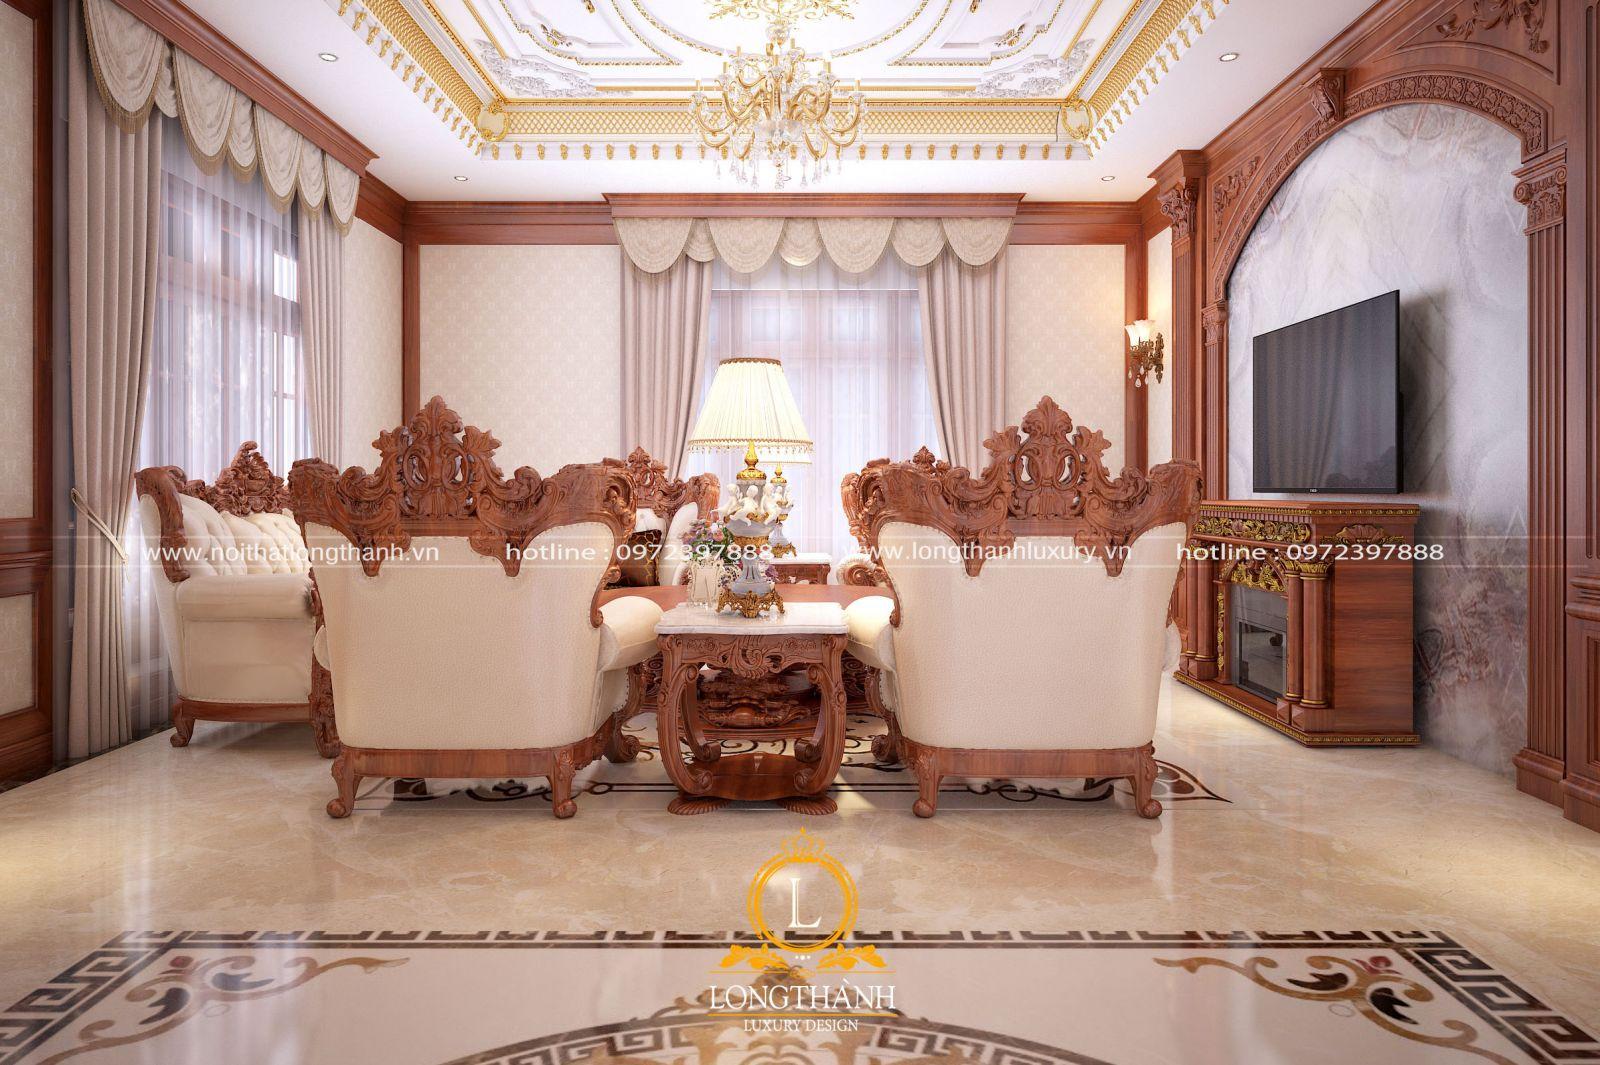 Mẫu thiết kế sofa hoa văn đục nổi hai mặt cầu kì